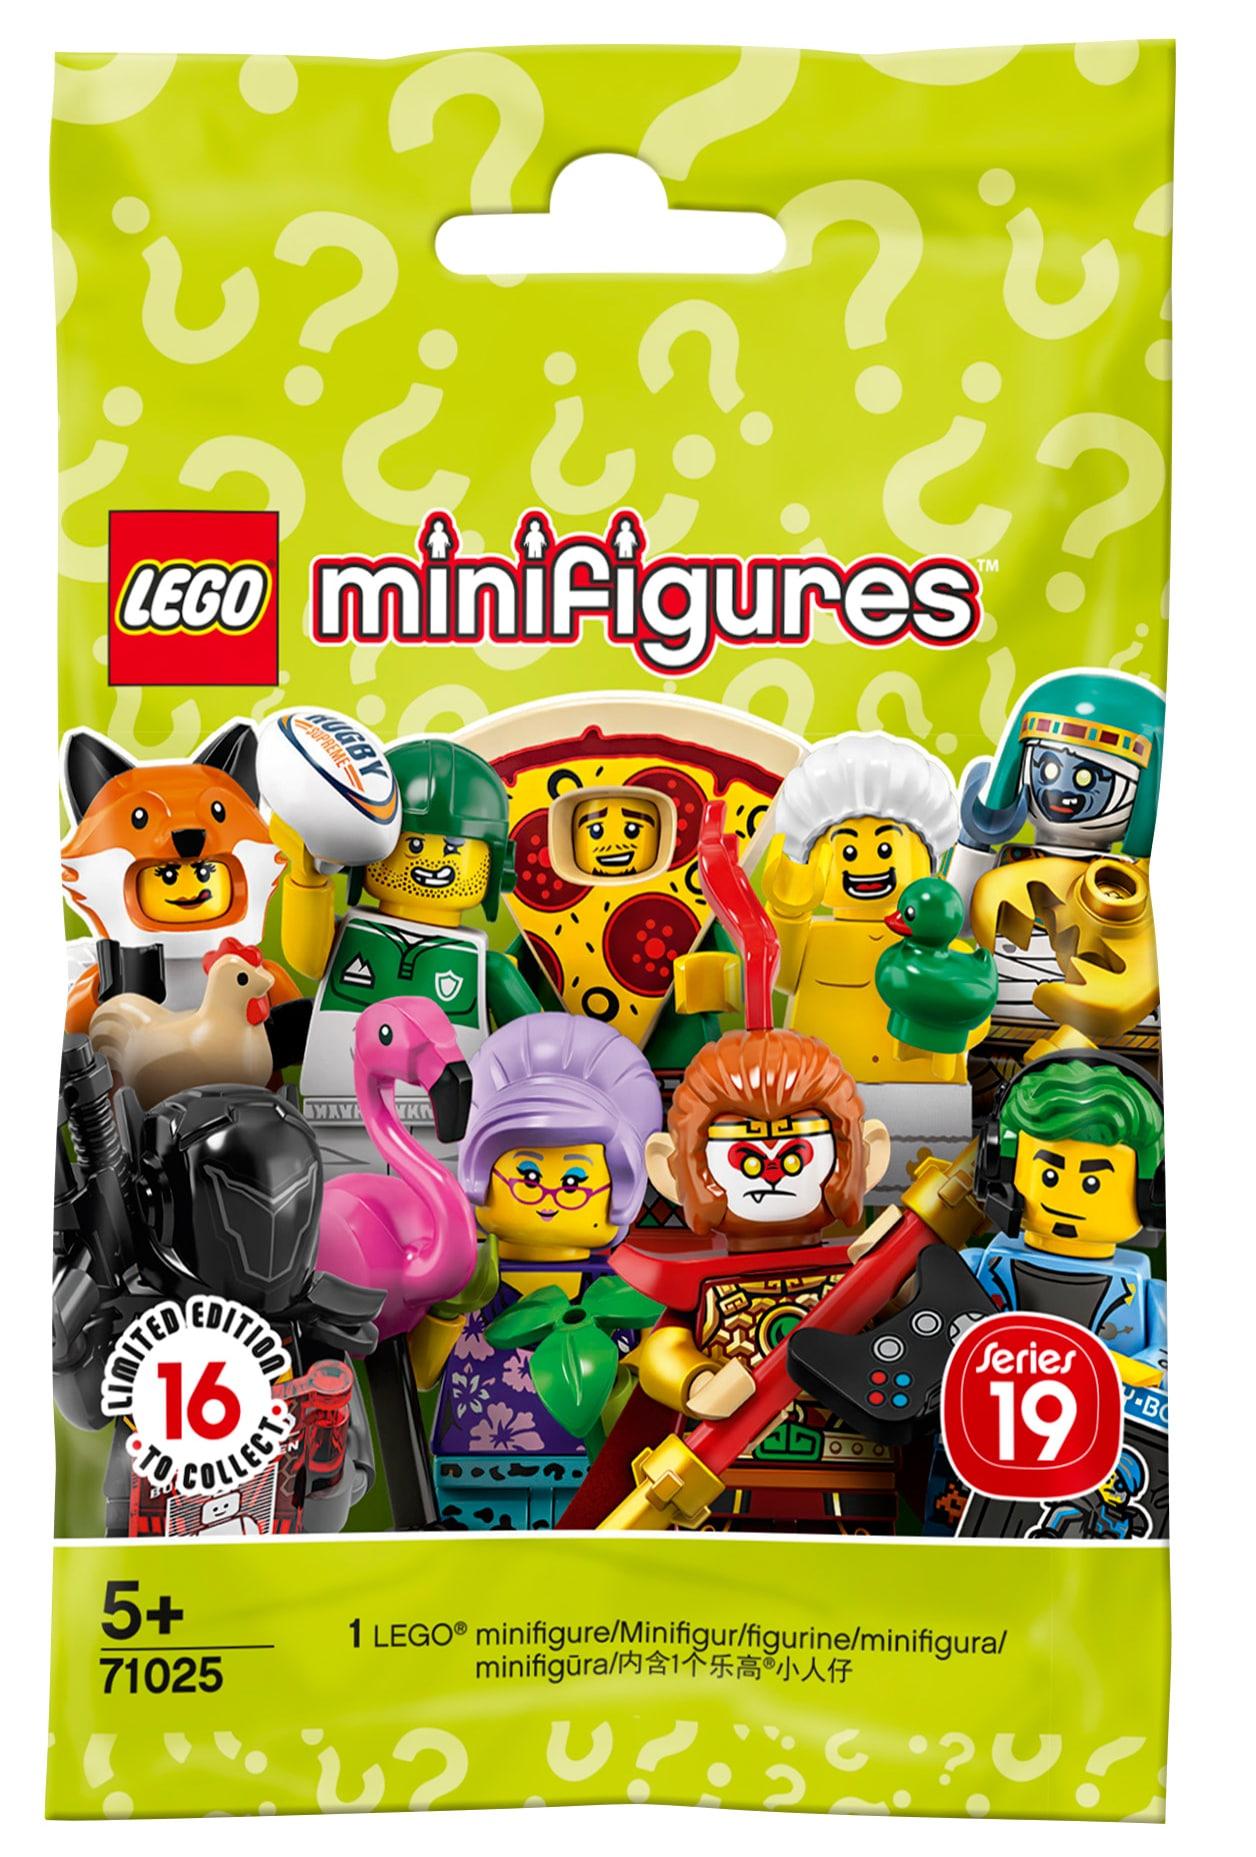 LEGO 71025 Minifiguren Serie 19 Blindbag